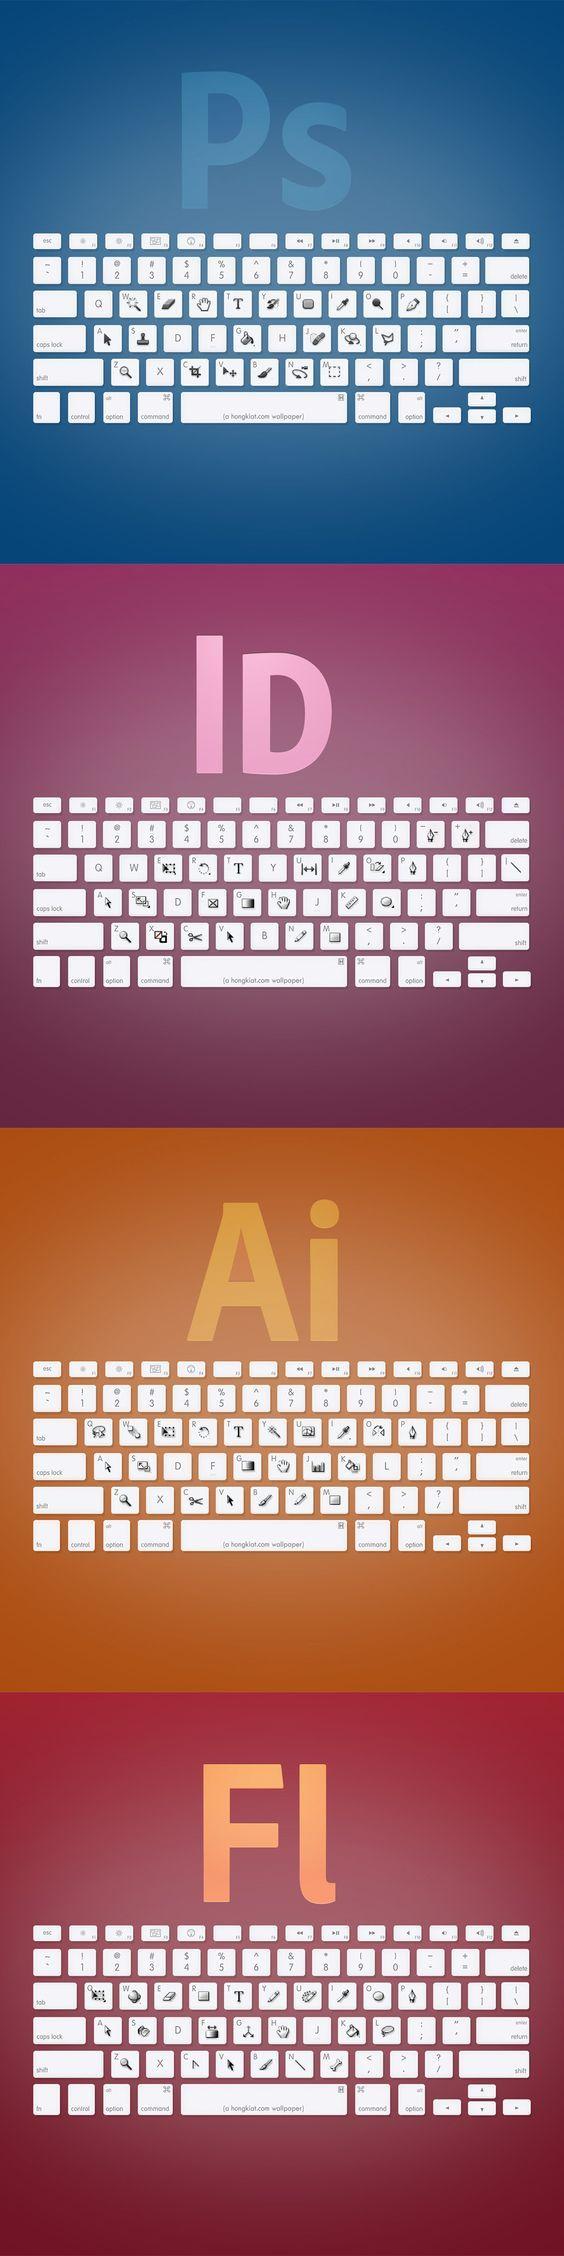 Os principais atalhos do Adobe para ajudar os aspirantes a designer a se especializarem!: